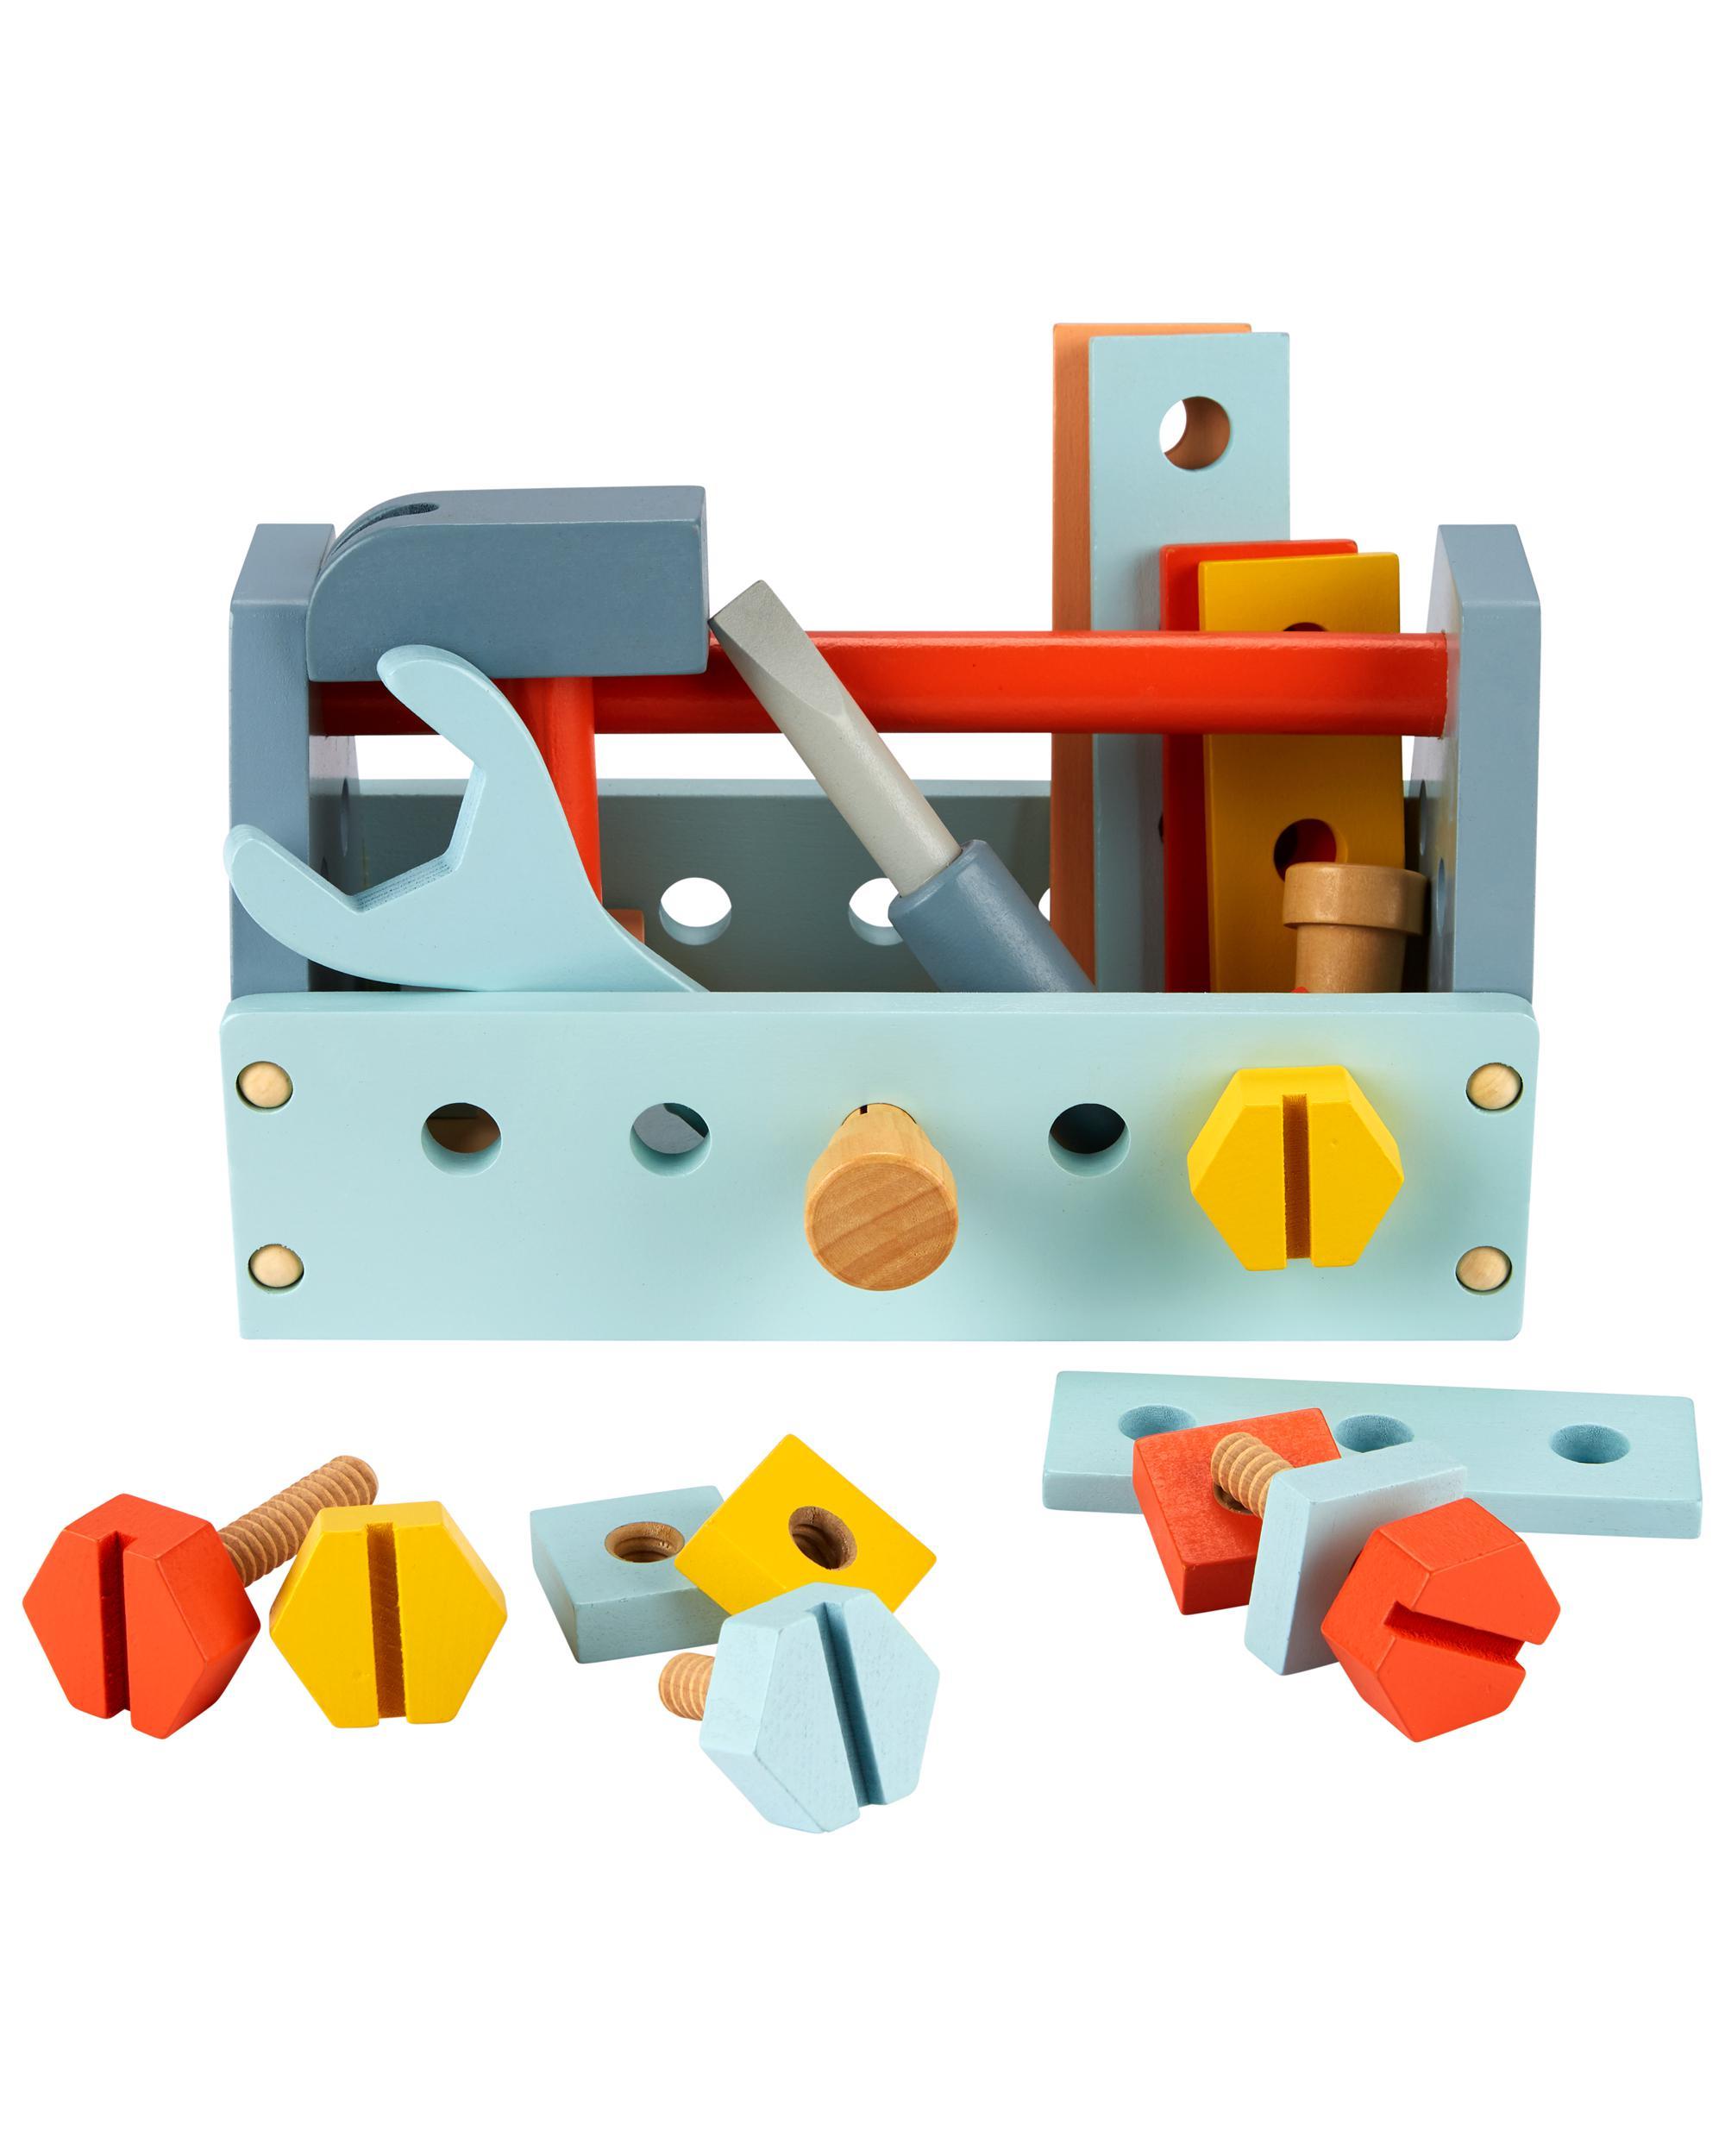 Oshkoshbgosh Wooden Tool Set